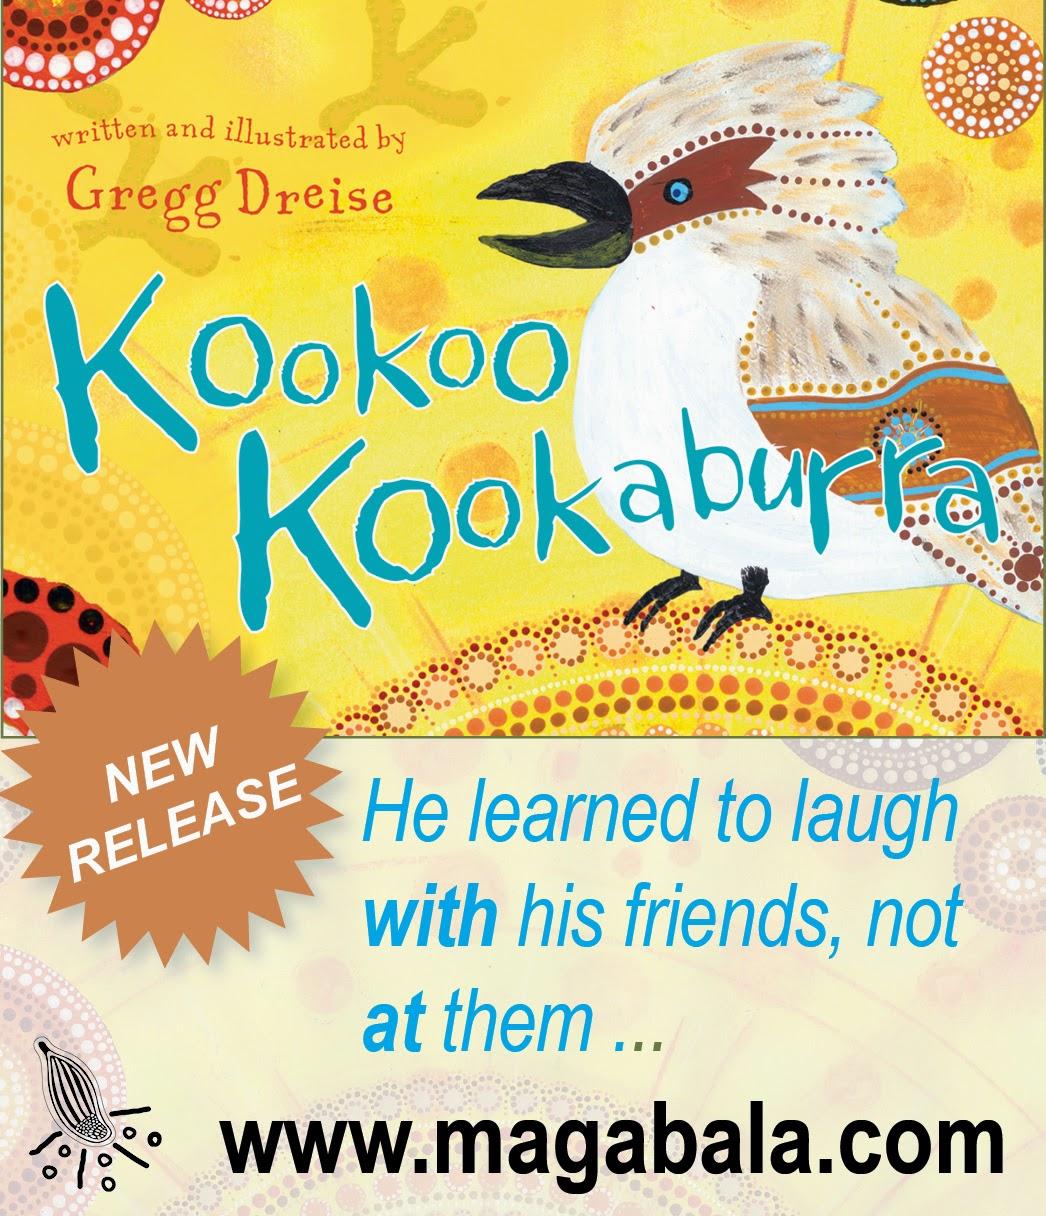 https://www.magabala.com/kookoo.html